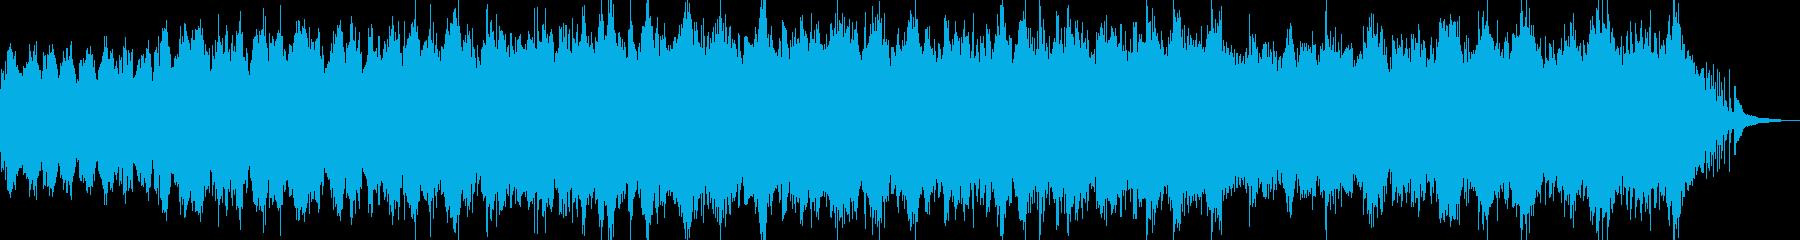 流れるピアノが印象的な癒しBGM Aの再生済みの波形